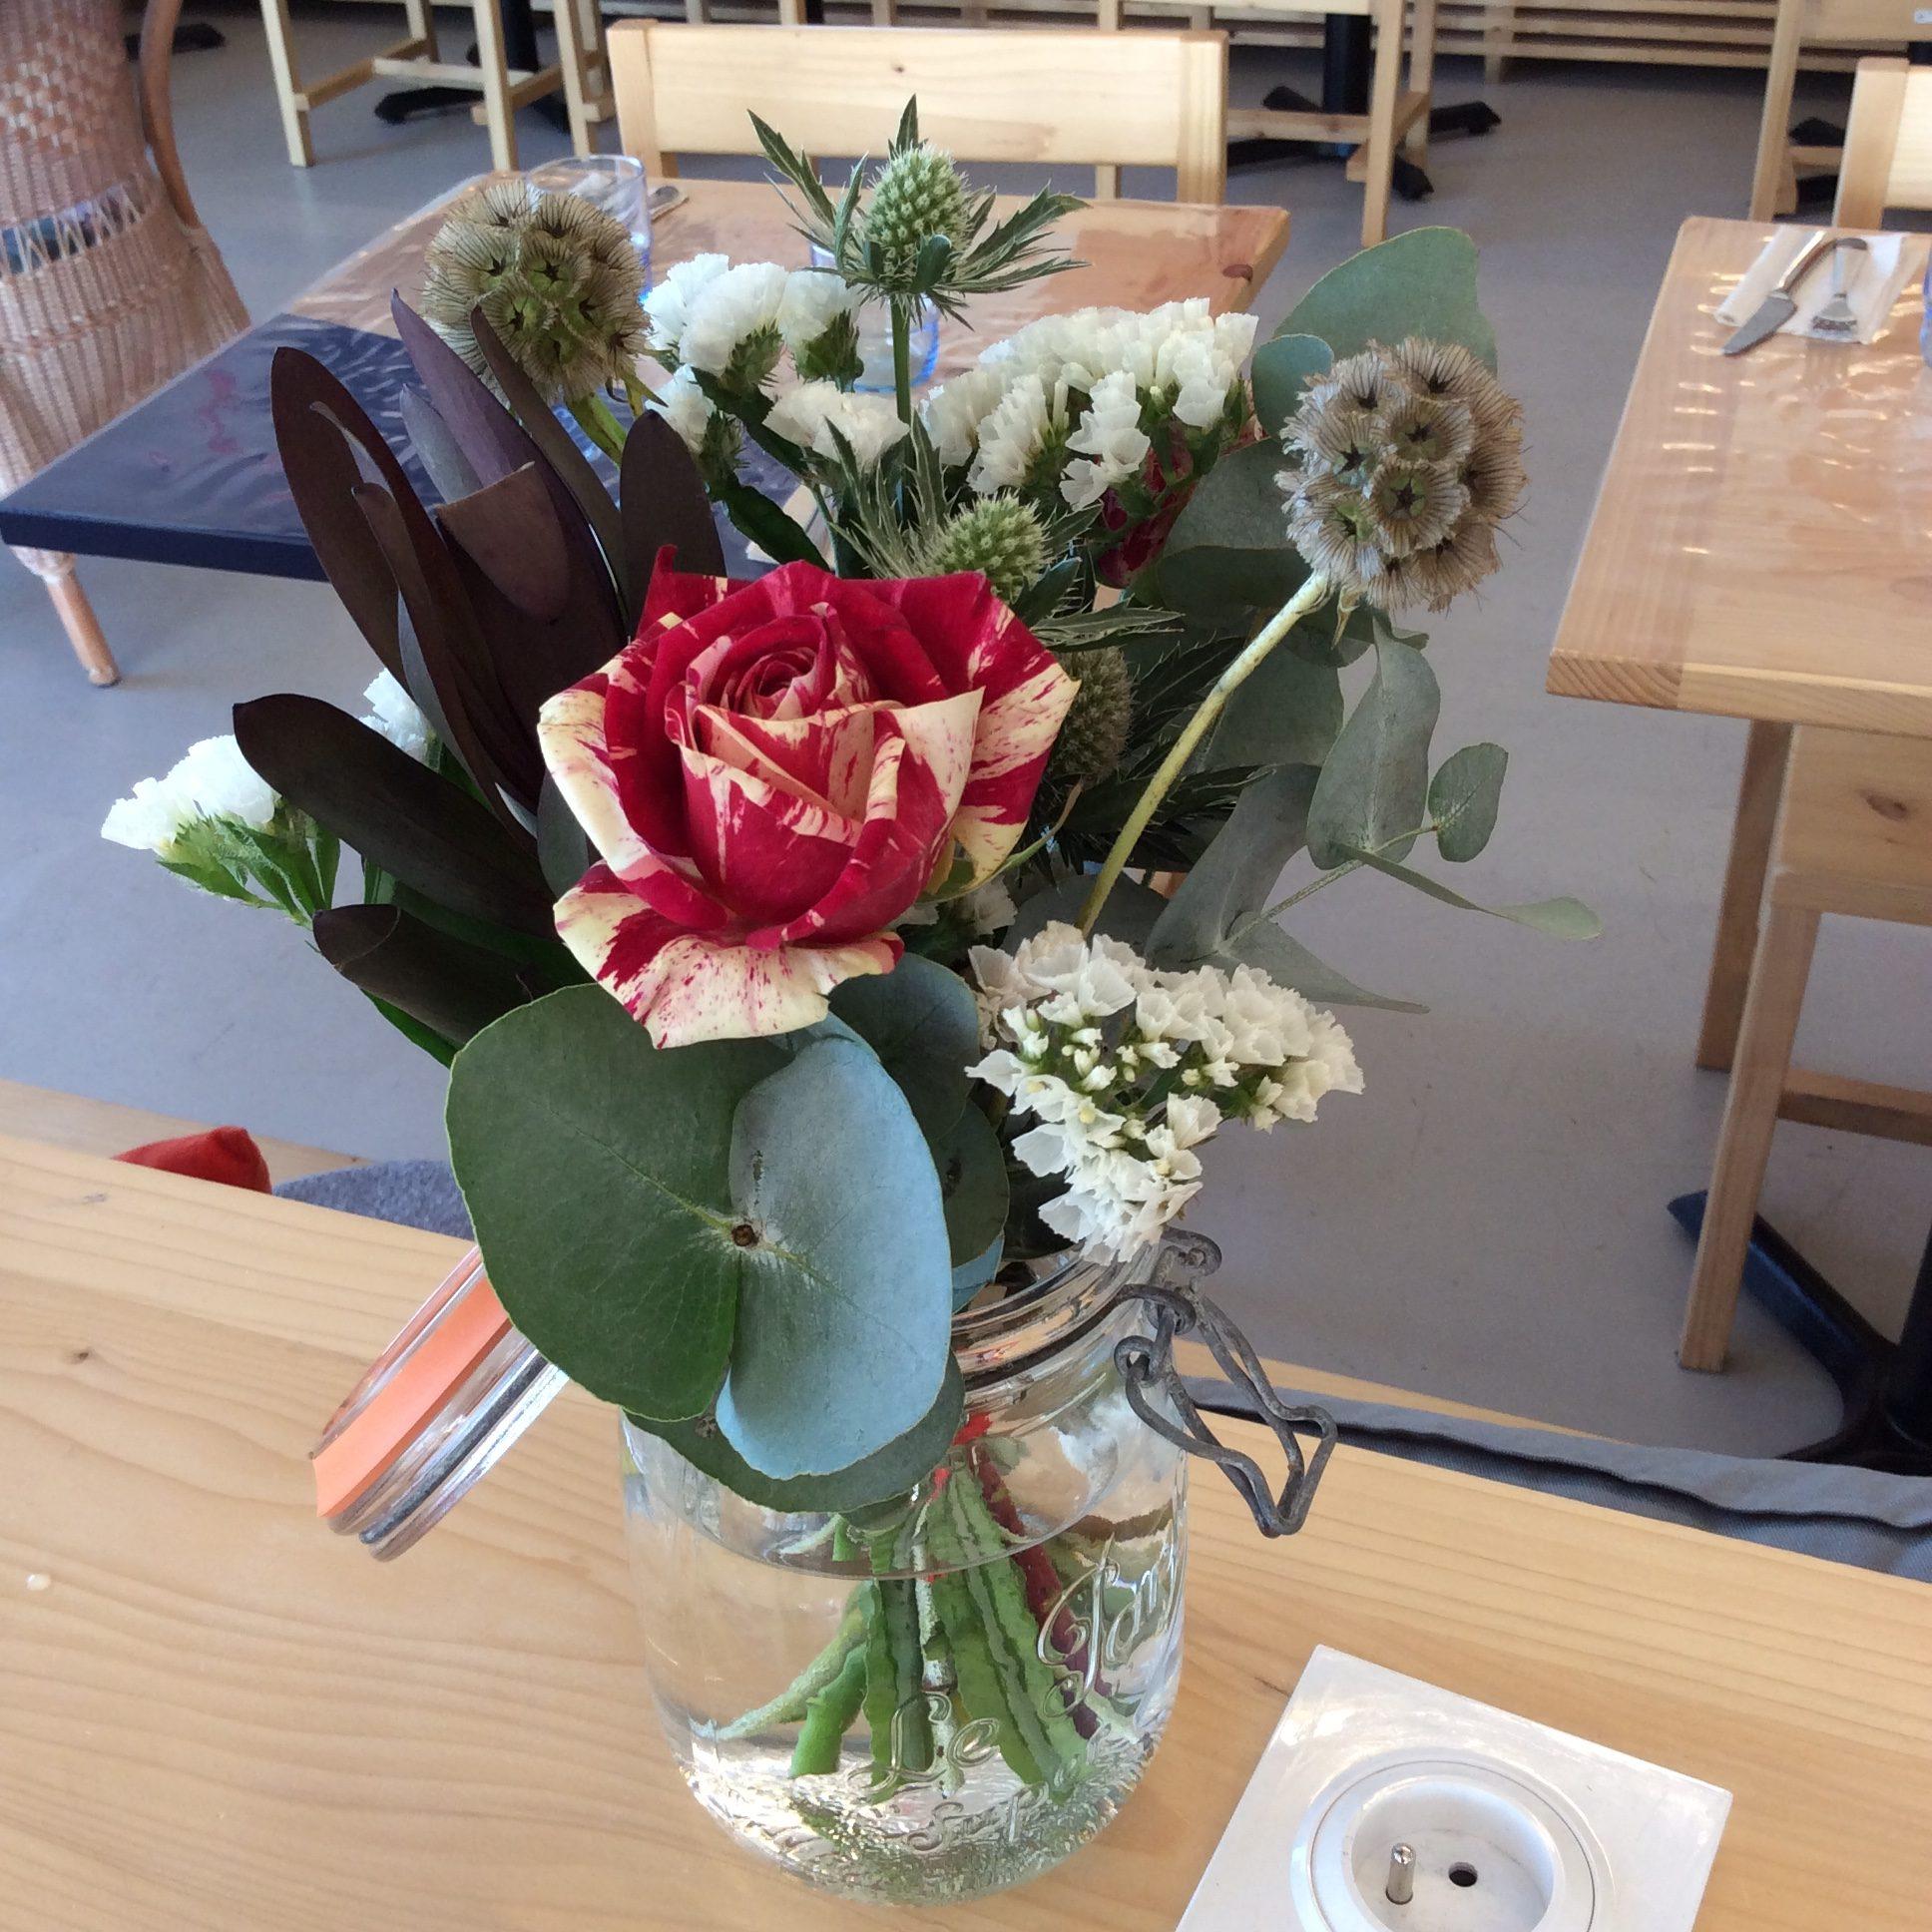 bouquet de fleurs fraiches et sèches restaurant Le Café Fauve norroy le veneur fleuriste woippy effleurs